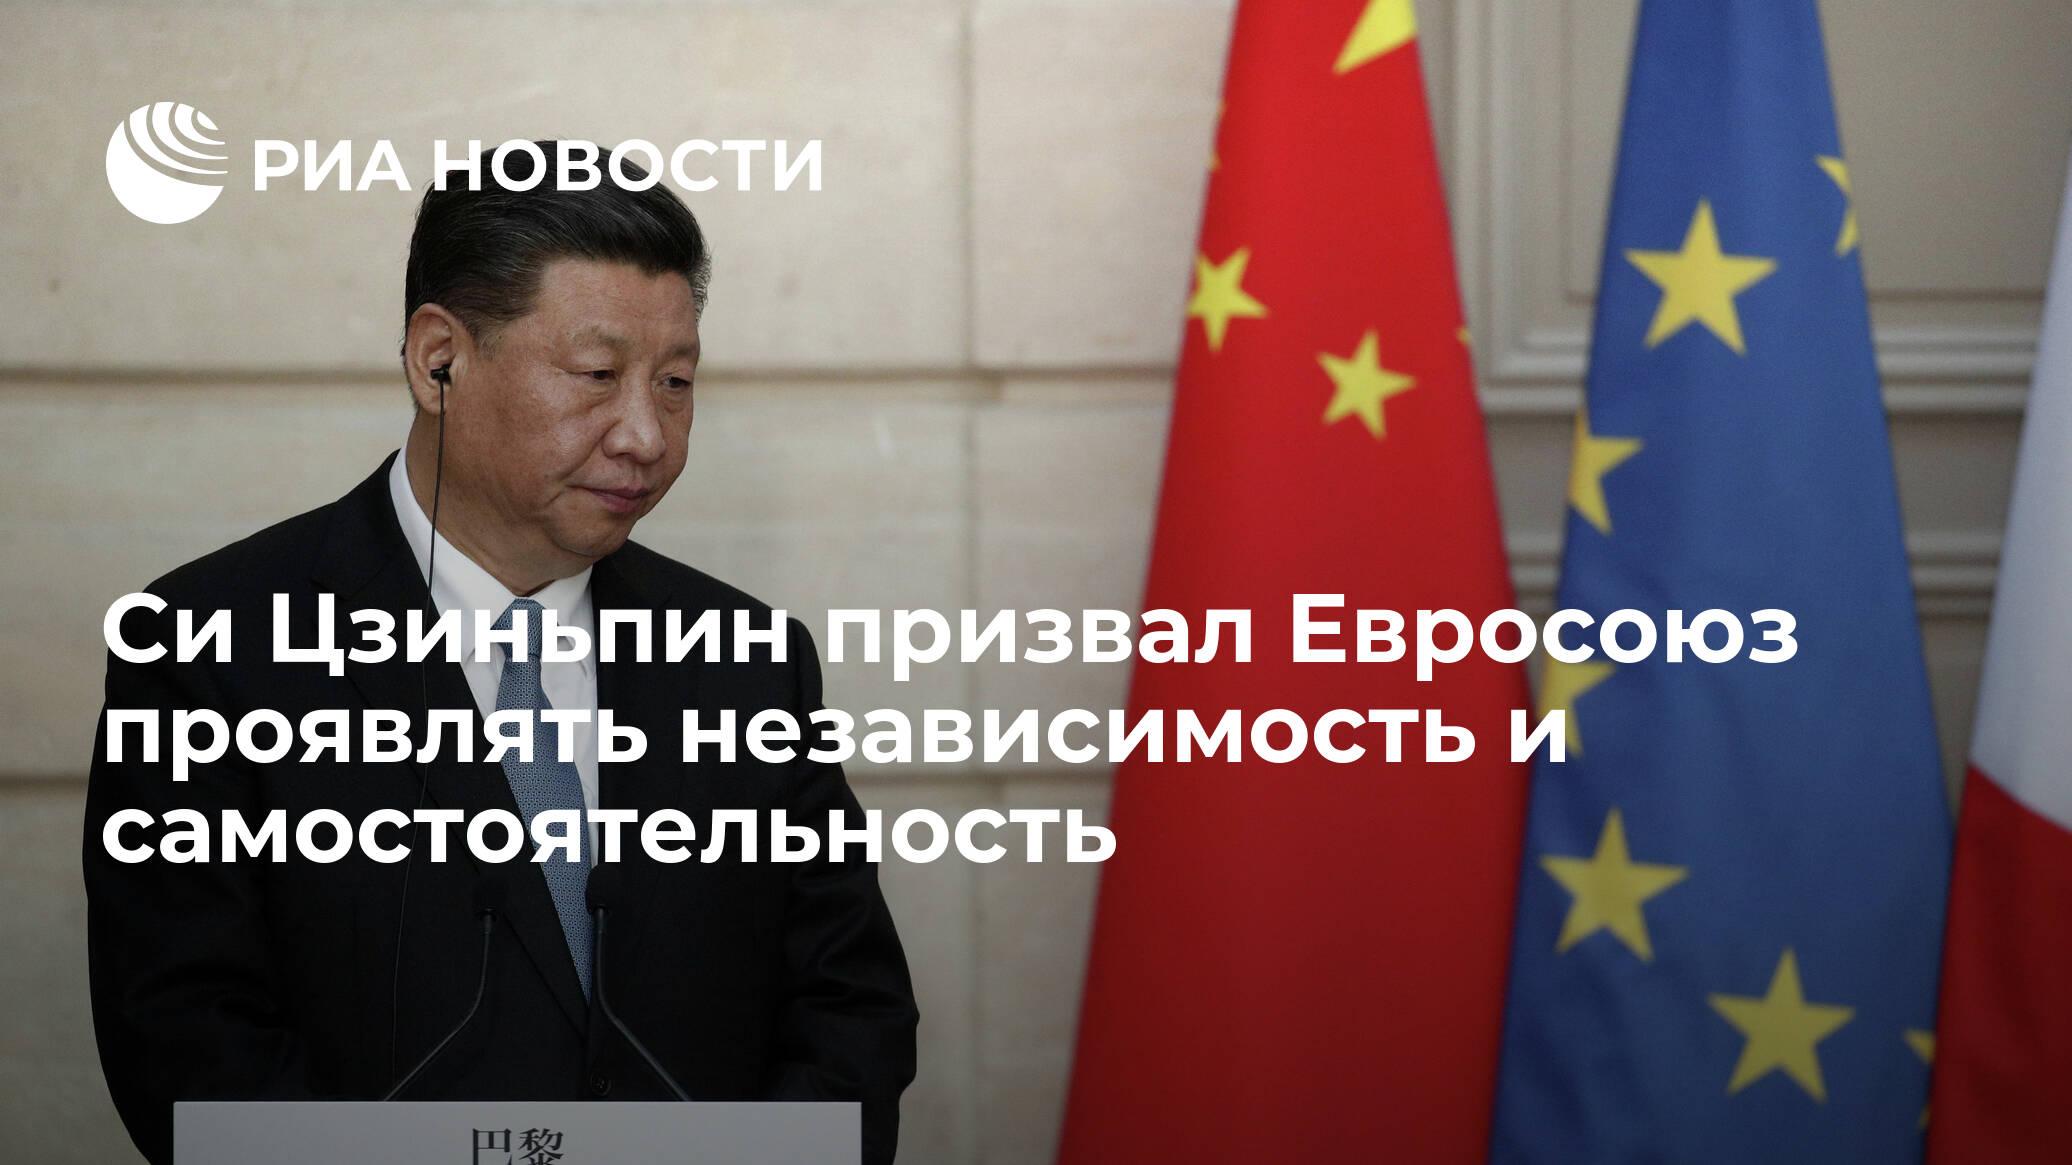 Си Цзиньпин призвал Евросоюз проявлять независимость и самостоятельность